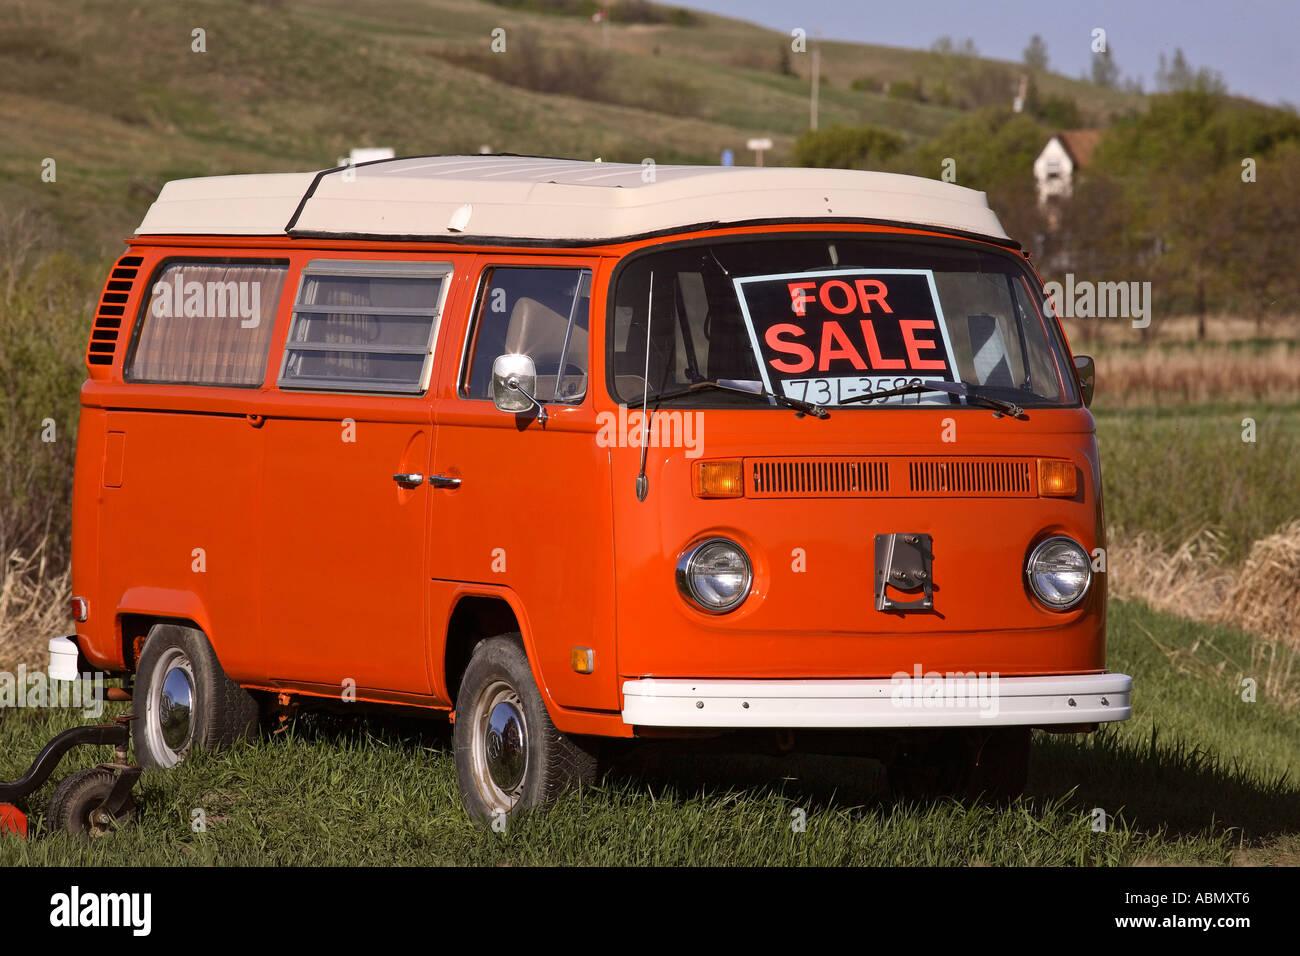 A Volkswagen Van For Sale In Scenic Saskatchewan Canada Stock Photo